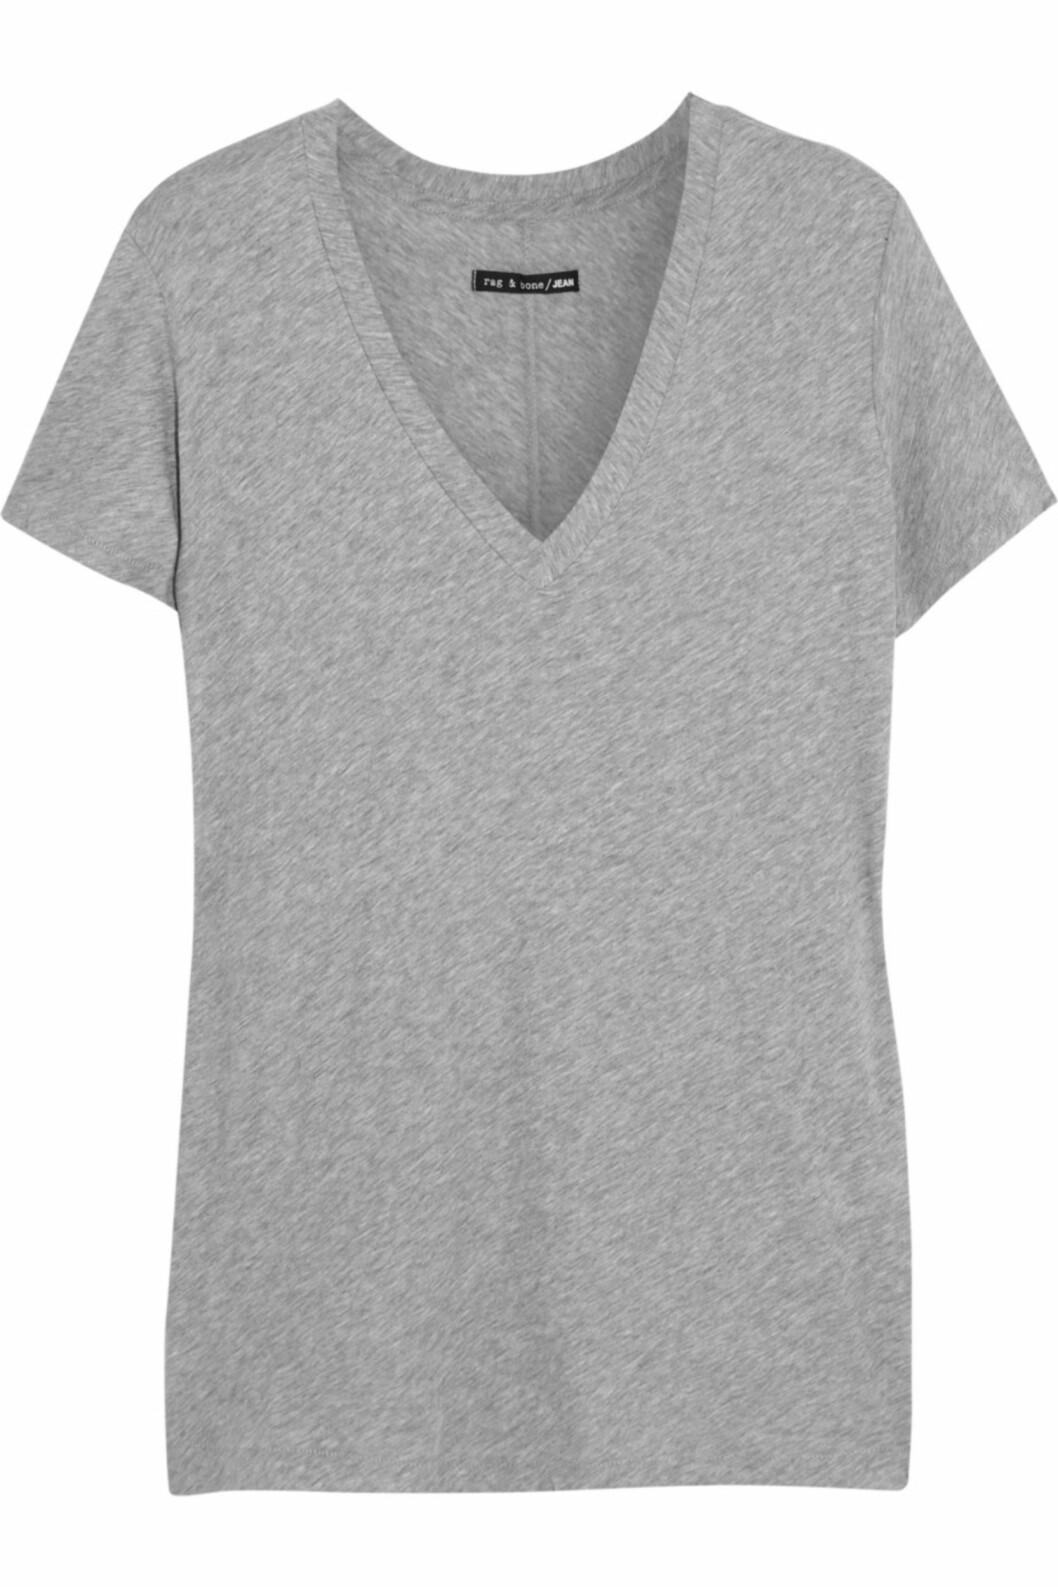 T-skjorte fra Rag & Bone via net-a-porter, ca. kr 825.  Foto: Net-a-porter.com